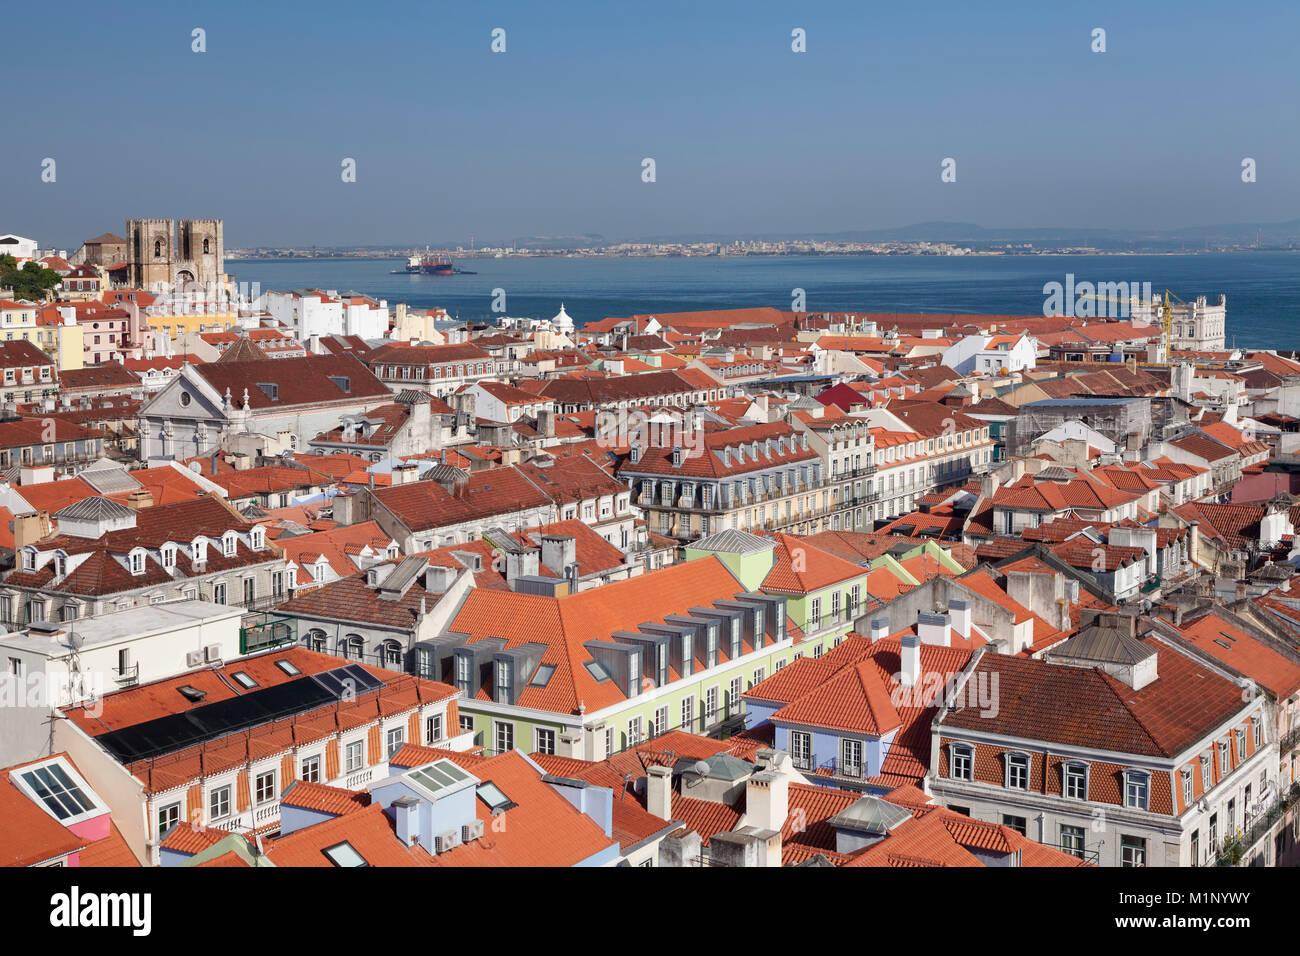 Vista sulla città vecchia di Se Cathedral e il fiume Tago a Lisbona, Portogallo, Europa Foto Stock